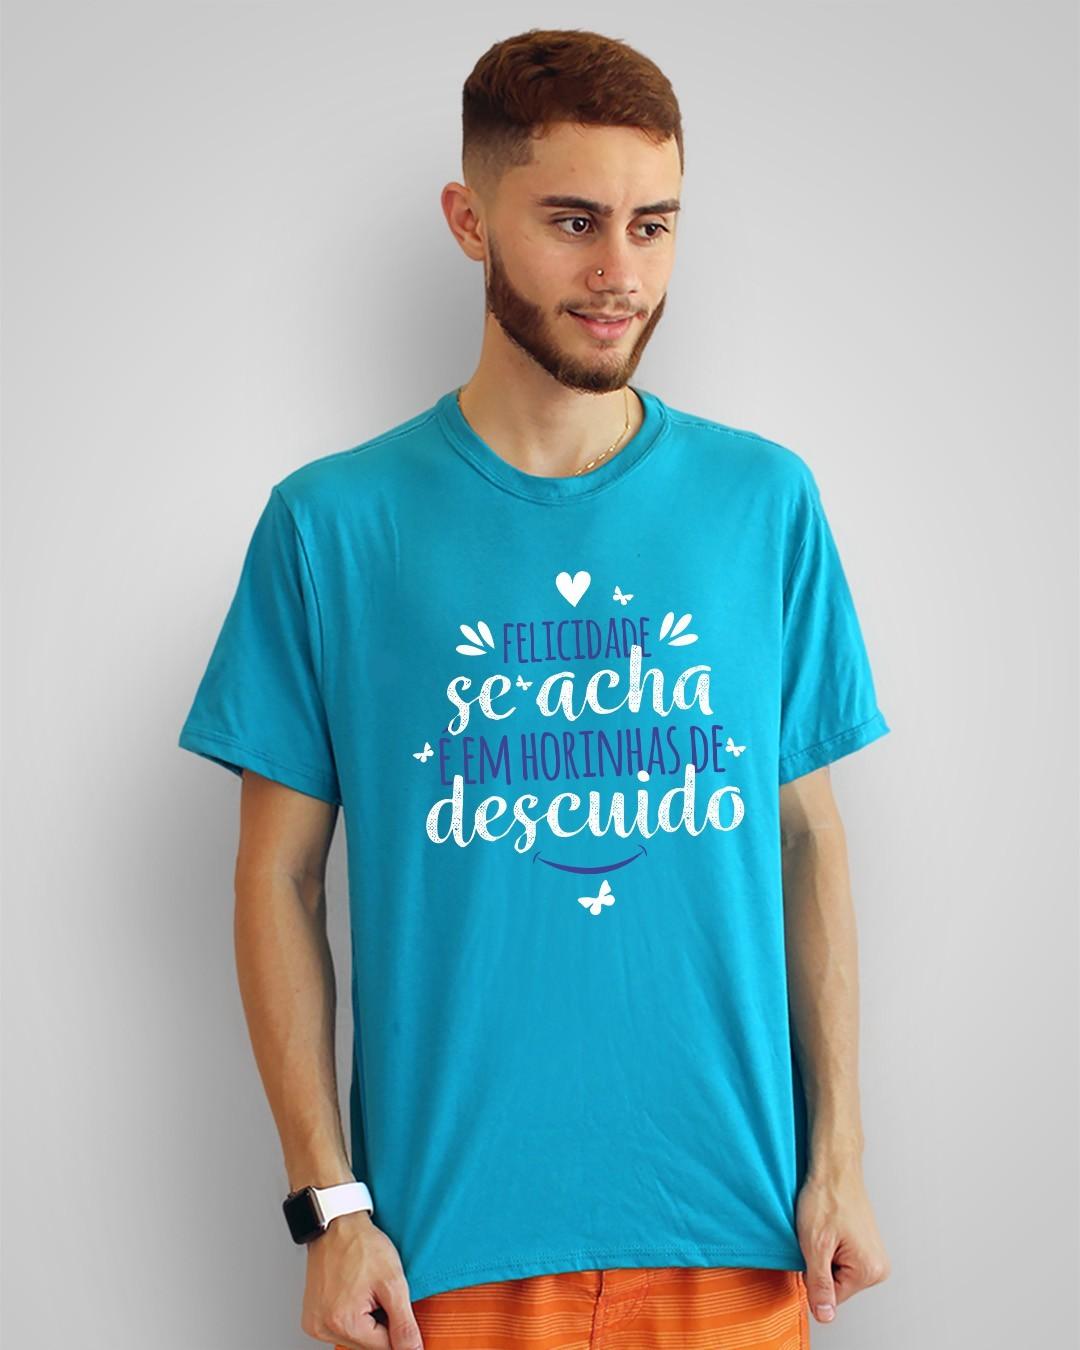 Camiseta Felicidade se acha é em horinhas de descuido - Guimarães Rosa